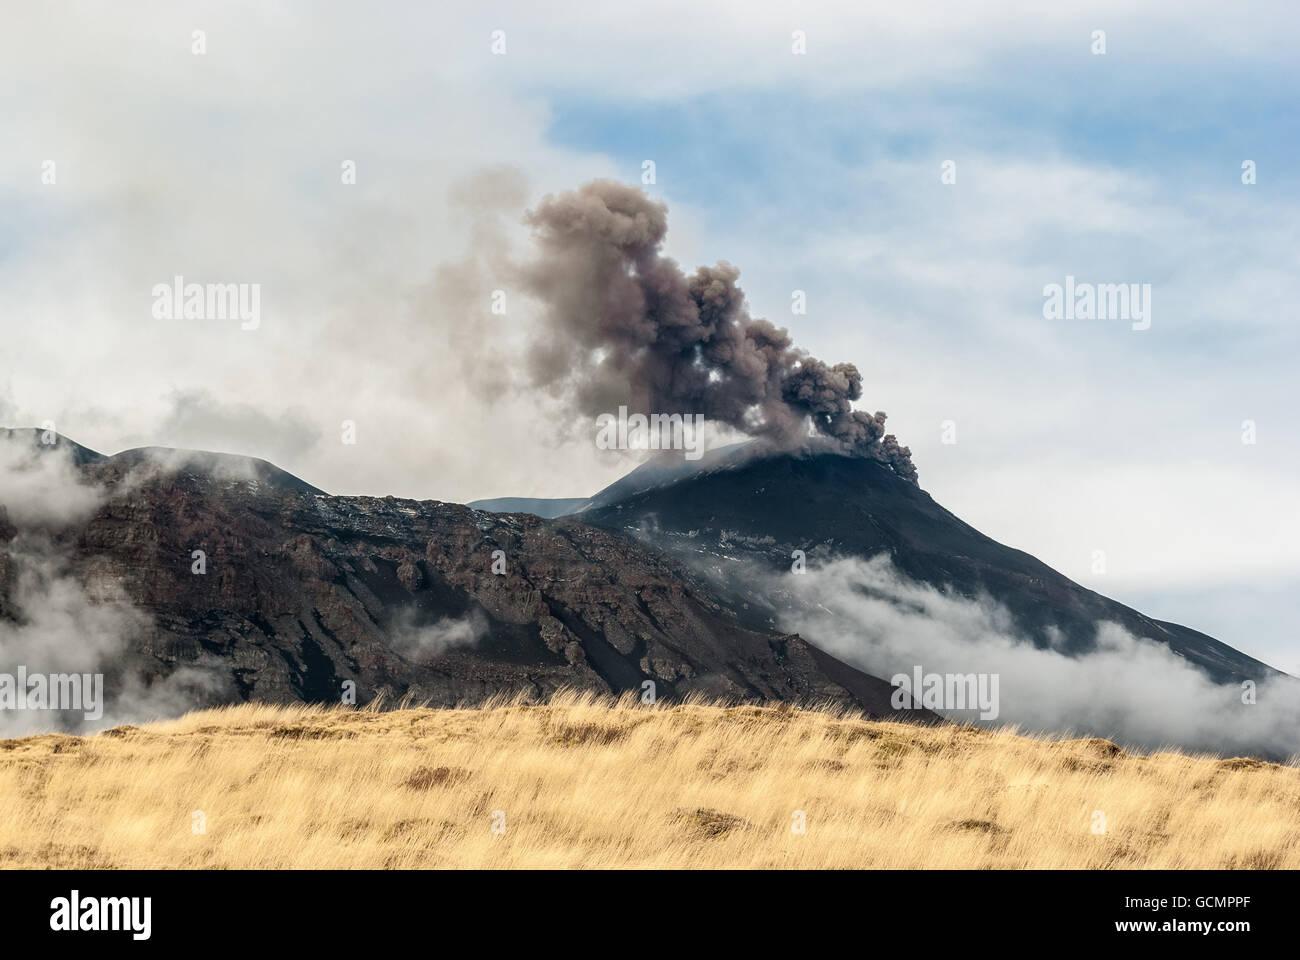 Asche-Emission aus dem Süd-Ost Krater auf Vulkan Ätna nach dem Ende des einen Paroxysmus am 4. Dezember Stockbild